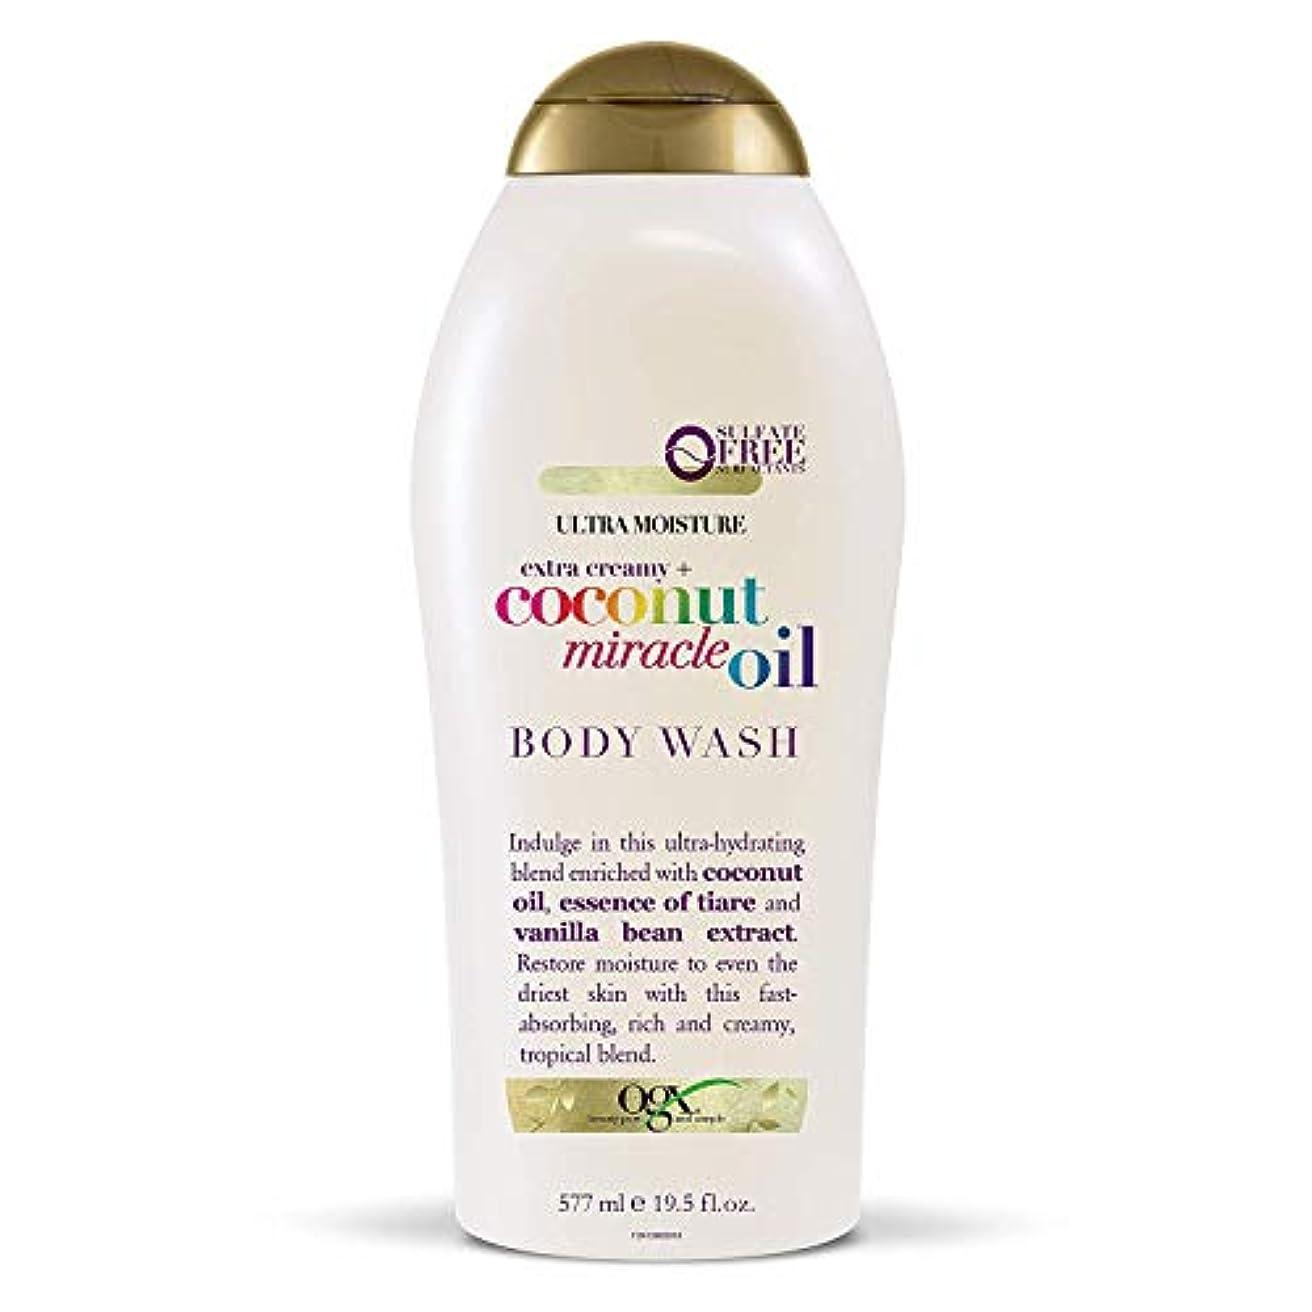 スタンド一般的に先例Ogx Body Wash Coconut Miracle Oil Extra Strength 19.5oz OGX ココナッツミラクルオイル エクストラストレングス ボディウォッシュ 577ml [並行輸入品]